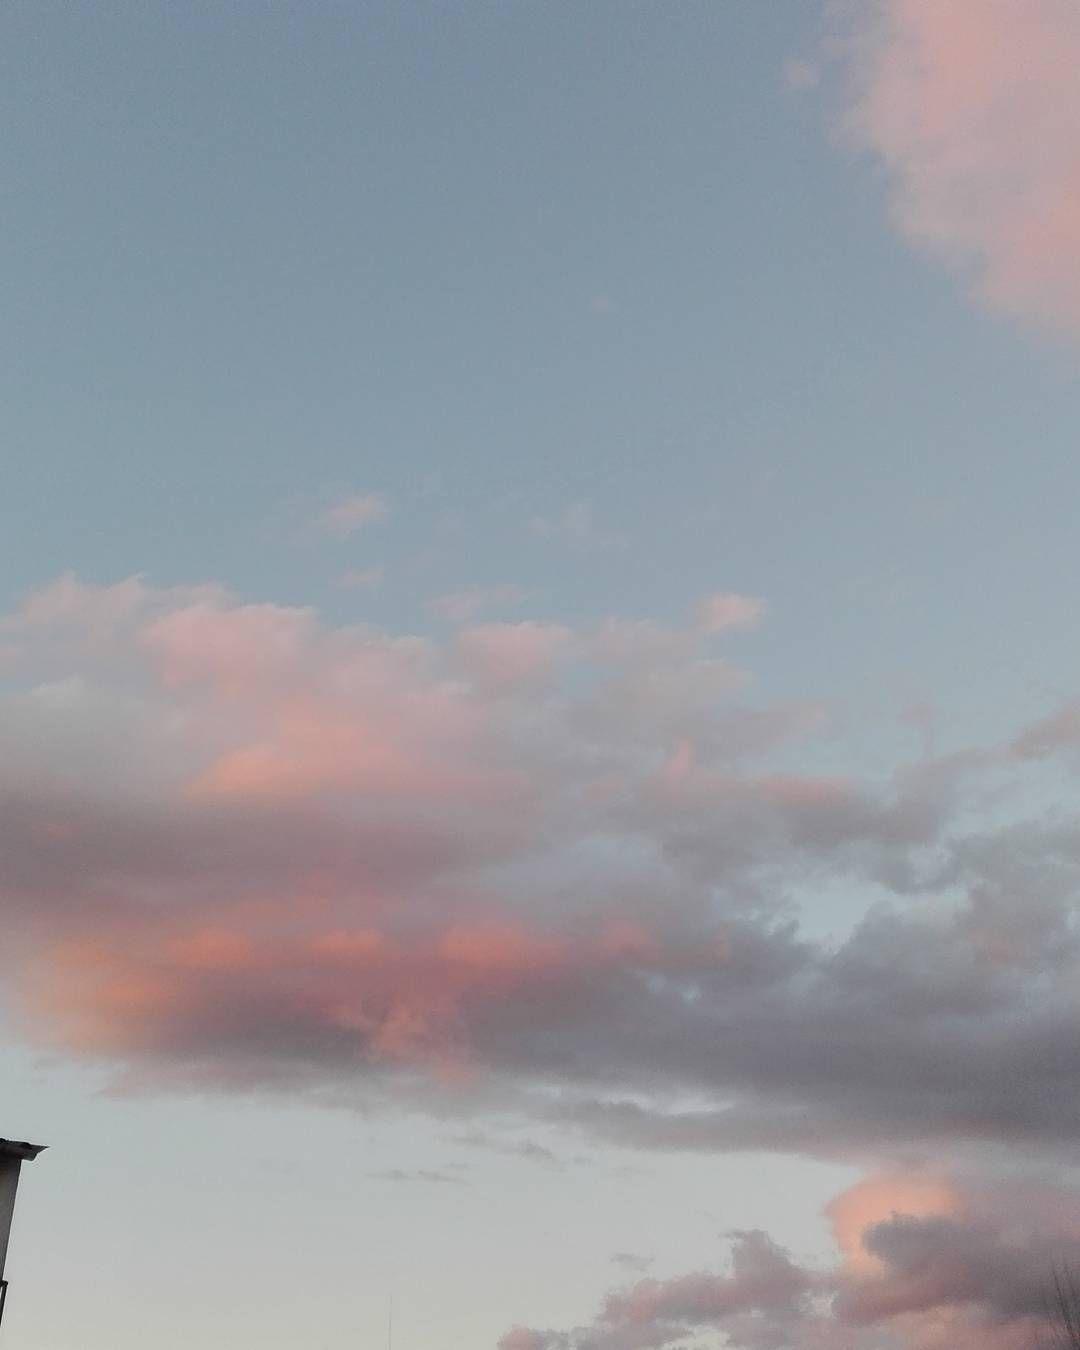 Descansando después de un día bien aprovechado!  #vistas #cielo #sinfiltros #desdemijardin #home #sabado #celebrandolavida #buscandovestido #amigas #slowlife #a #tranquilidad #nofilter by chegaralua